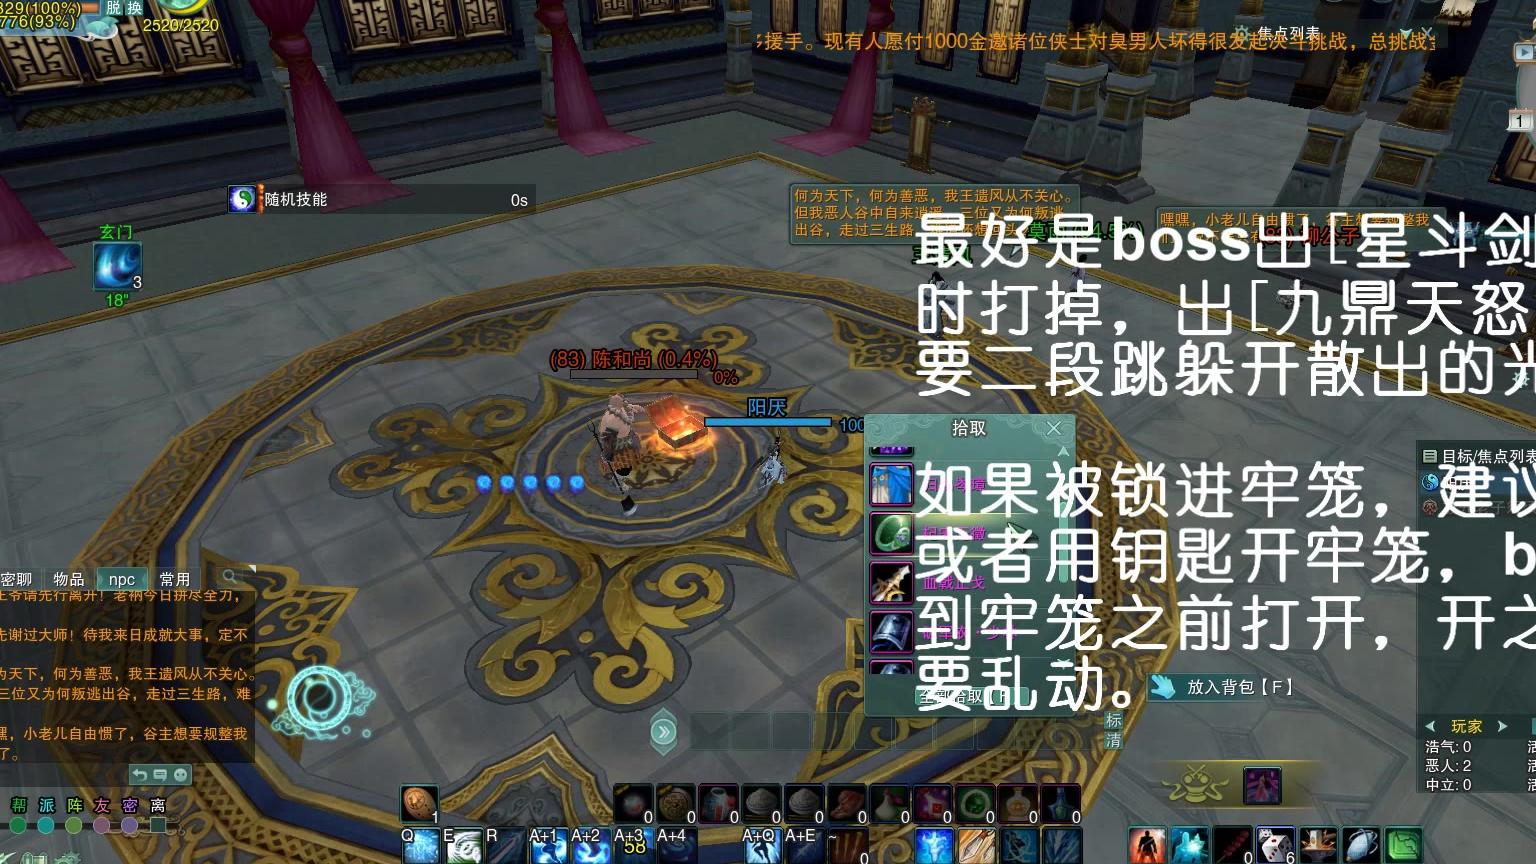 【剑网3】剑纯单刷25英雄南诏皇宫李倓(不吃冰打法)